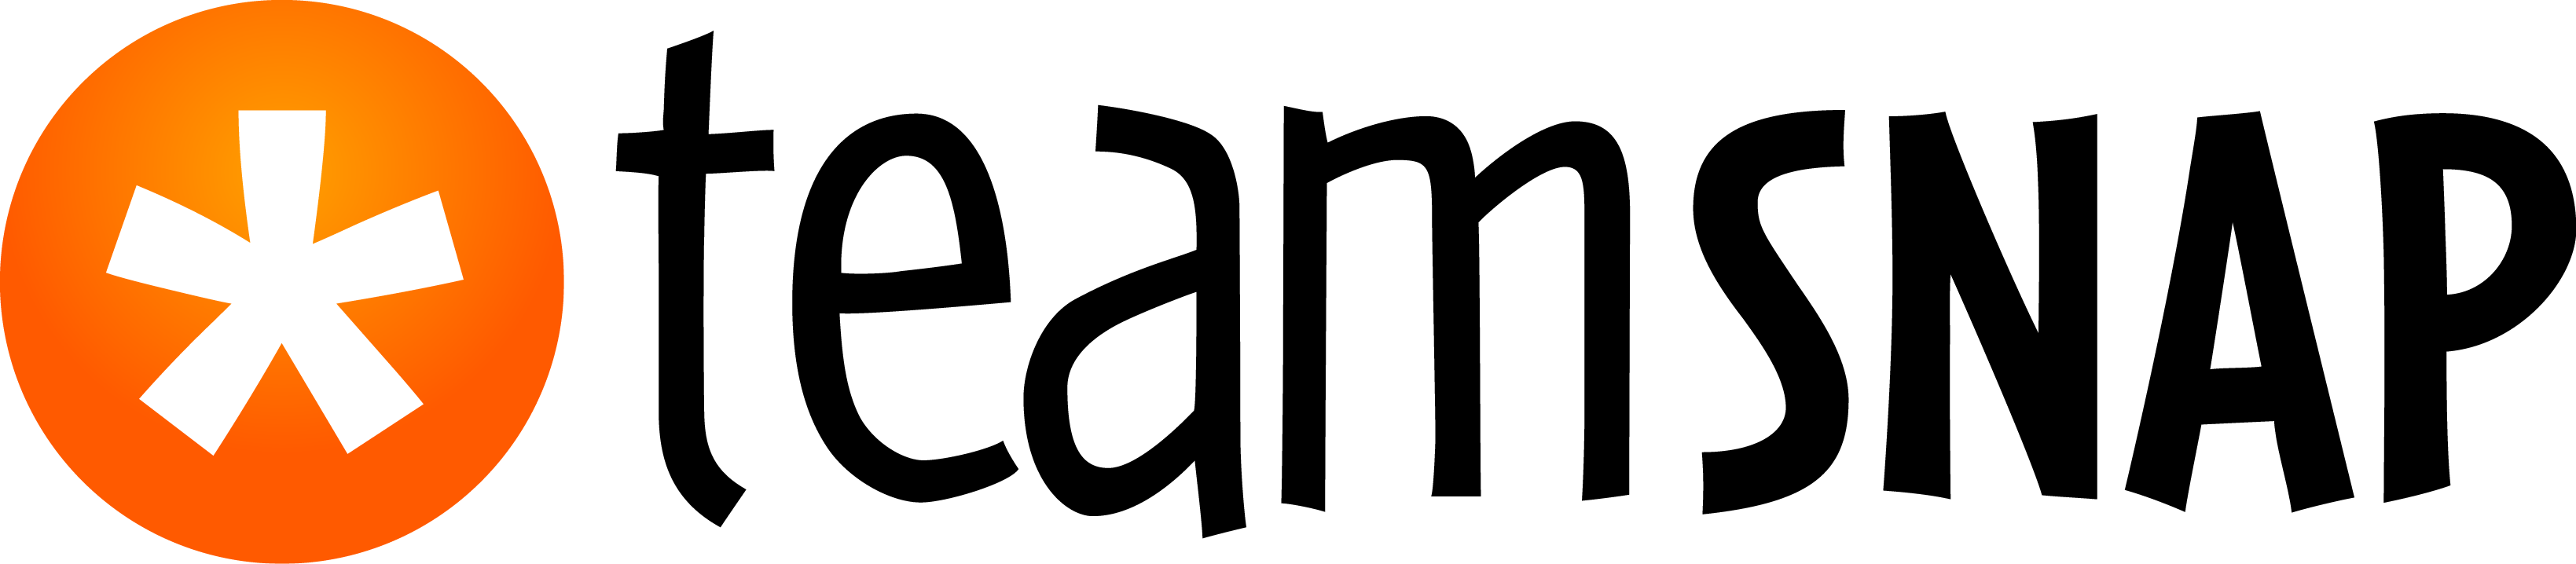 TeamSnap no Background logo